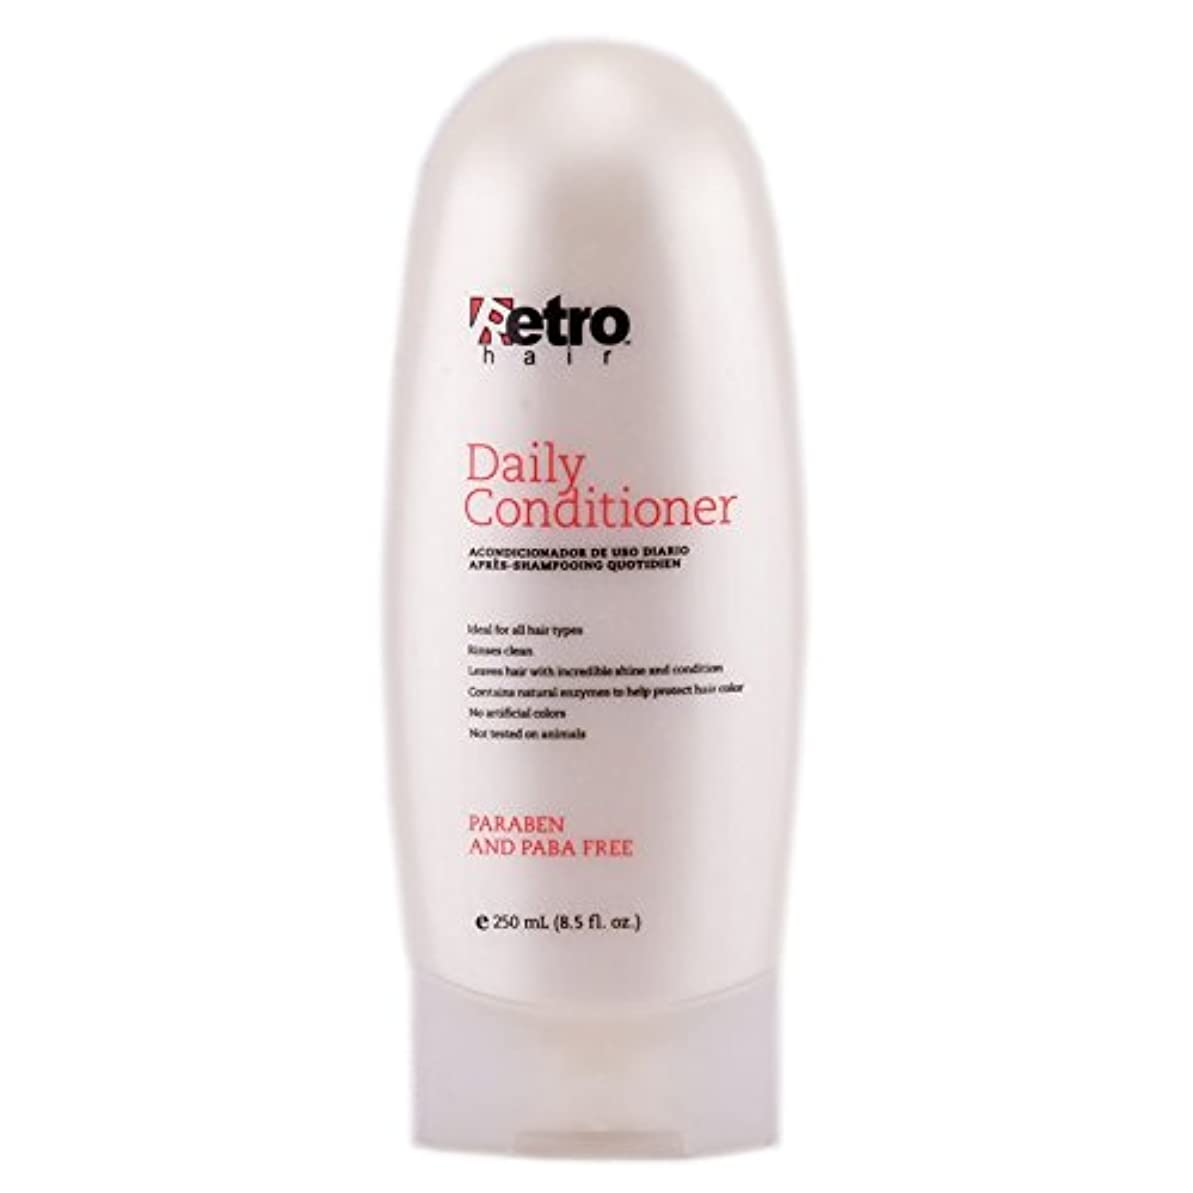 構成員怪しい割合Retro Hair Daily Conditioner, 8.5 Fluid Ounce by Retro Hair